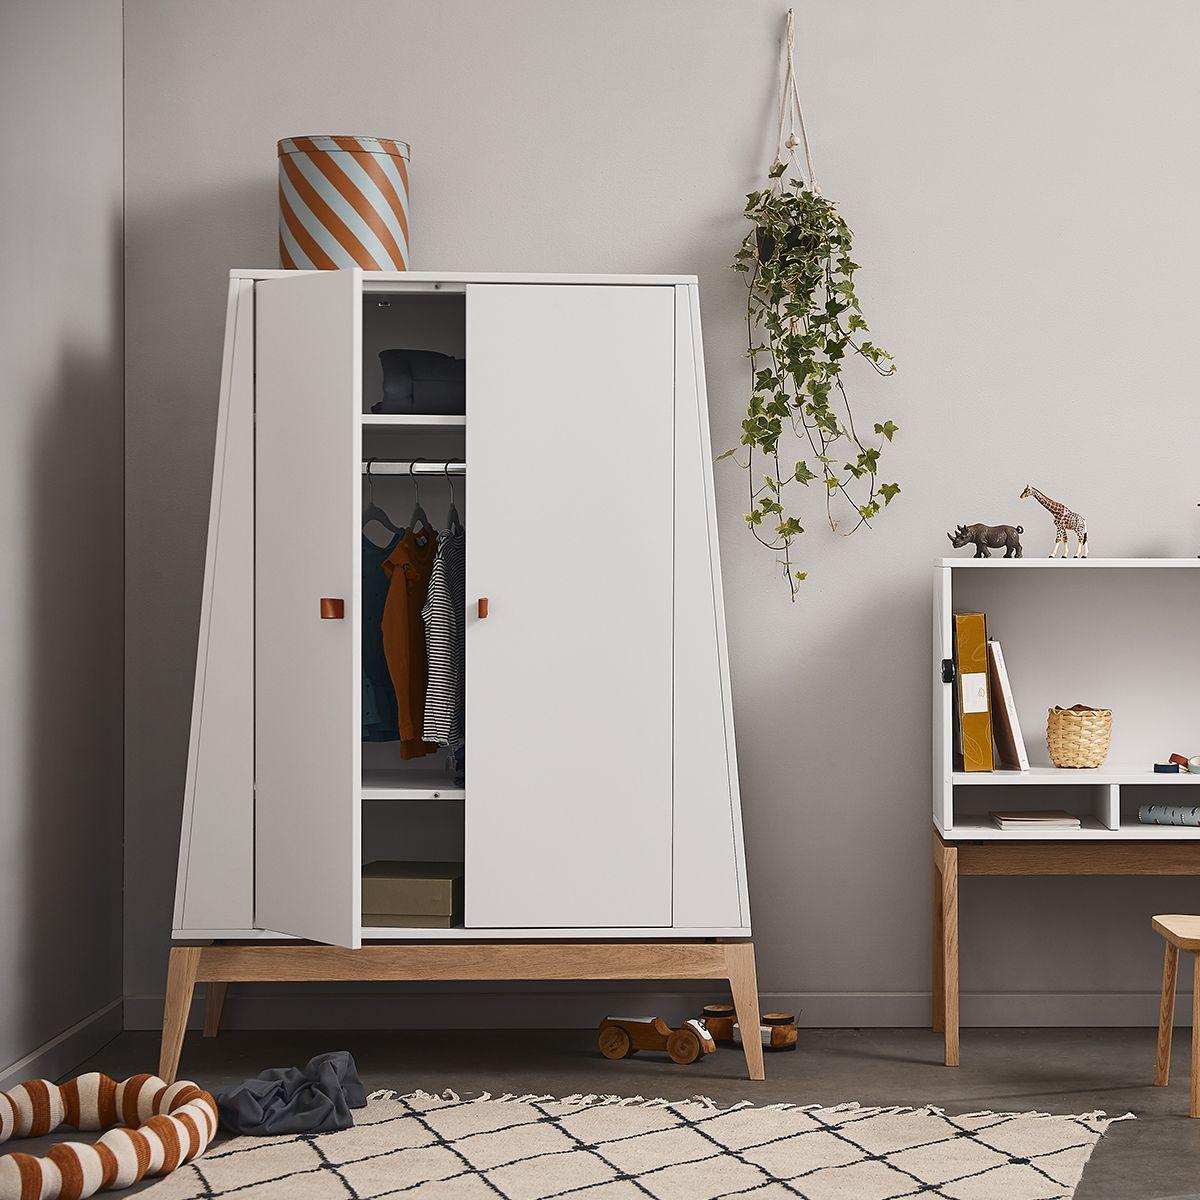 Luna Schrank klein von Leander in Berlin kaufen - Kleine Fabriek